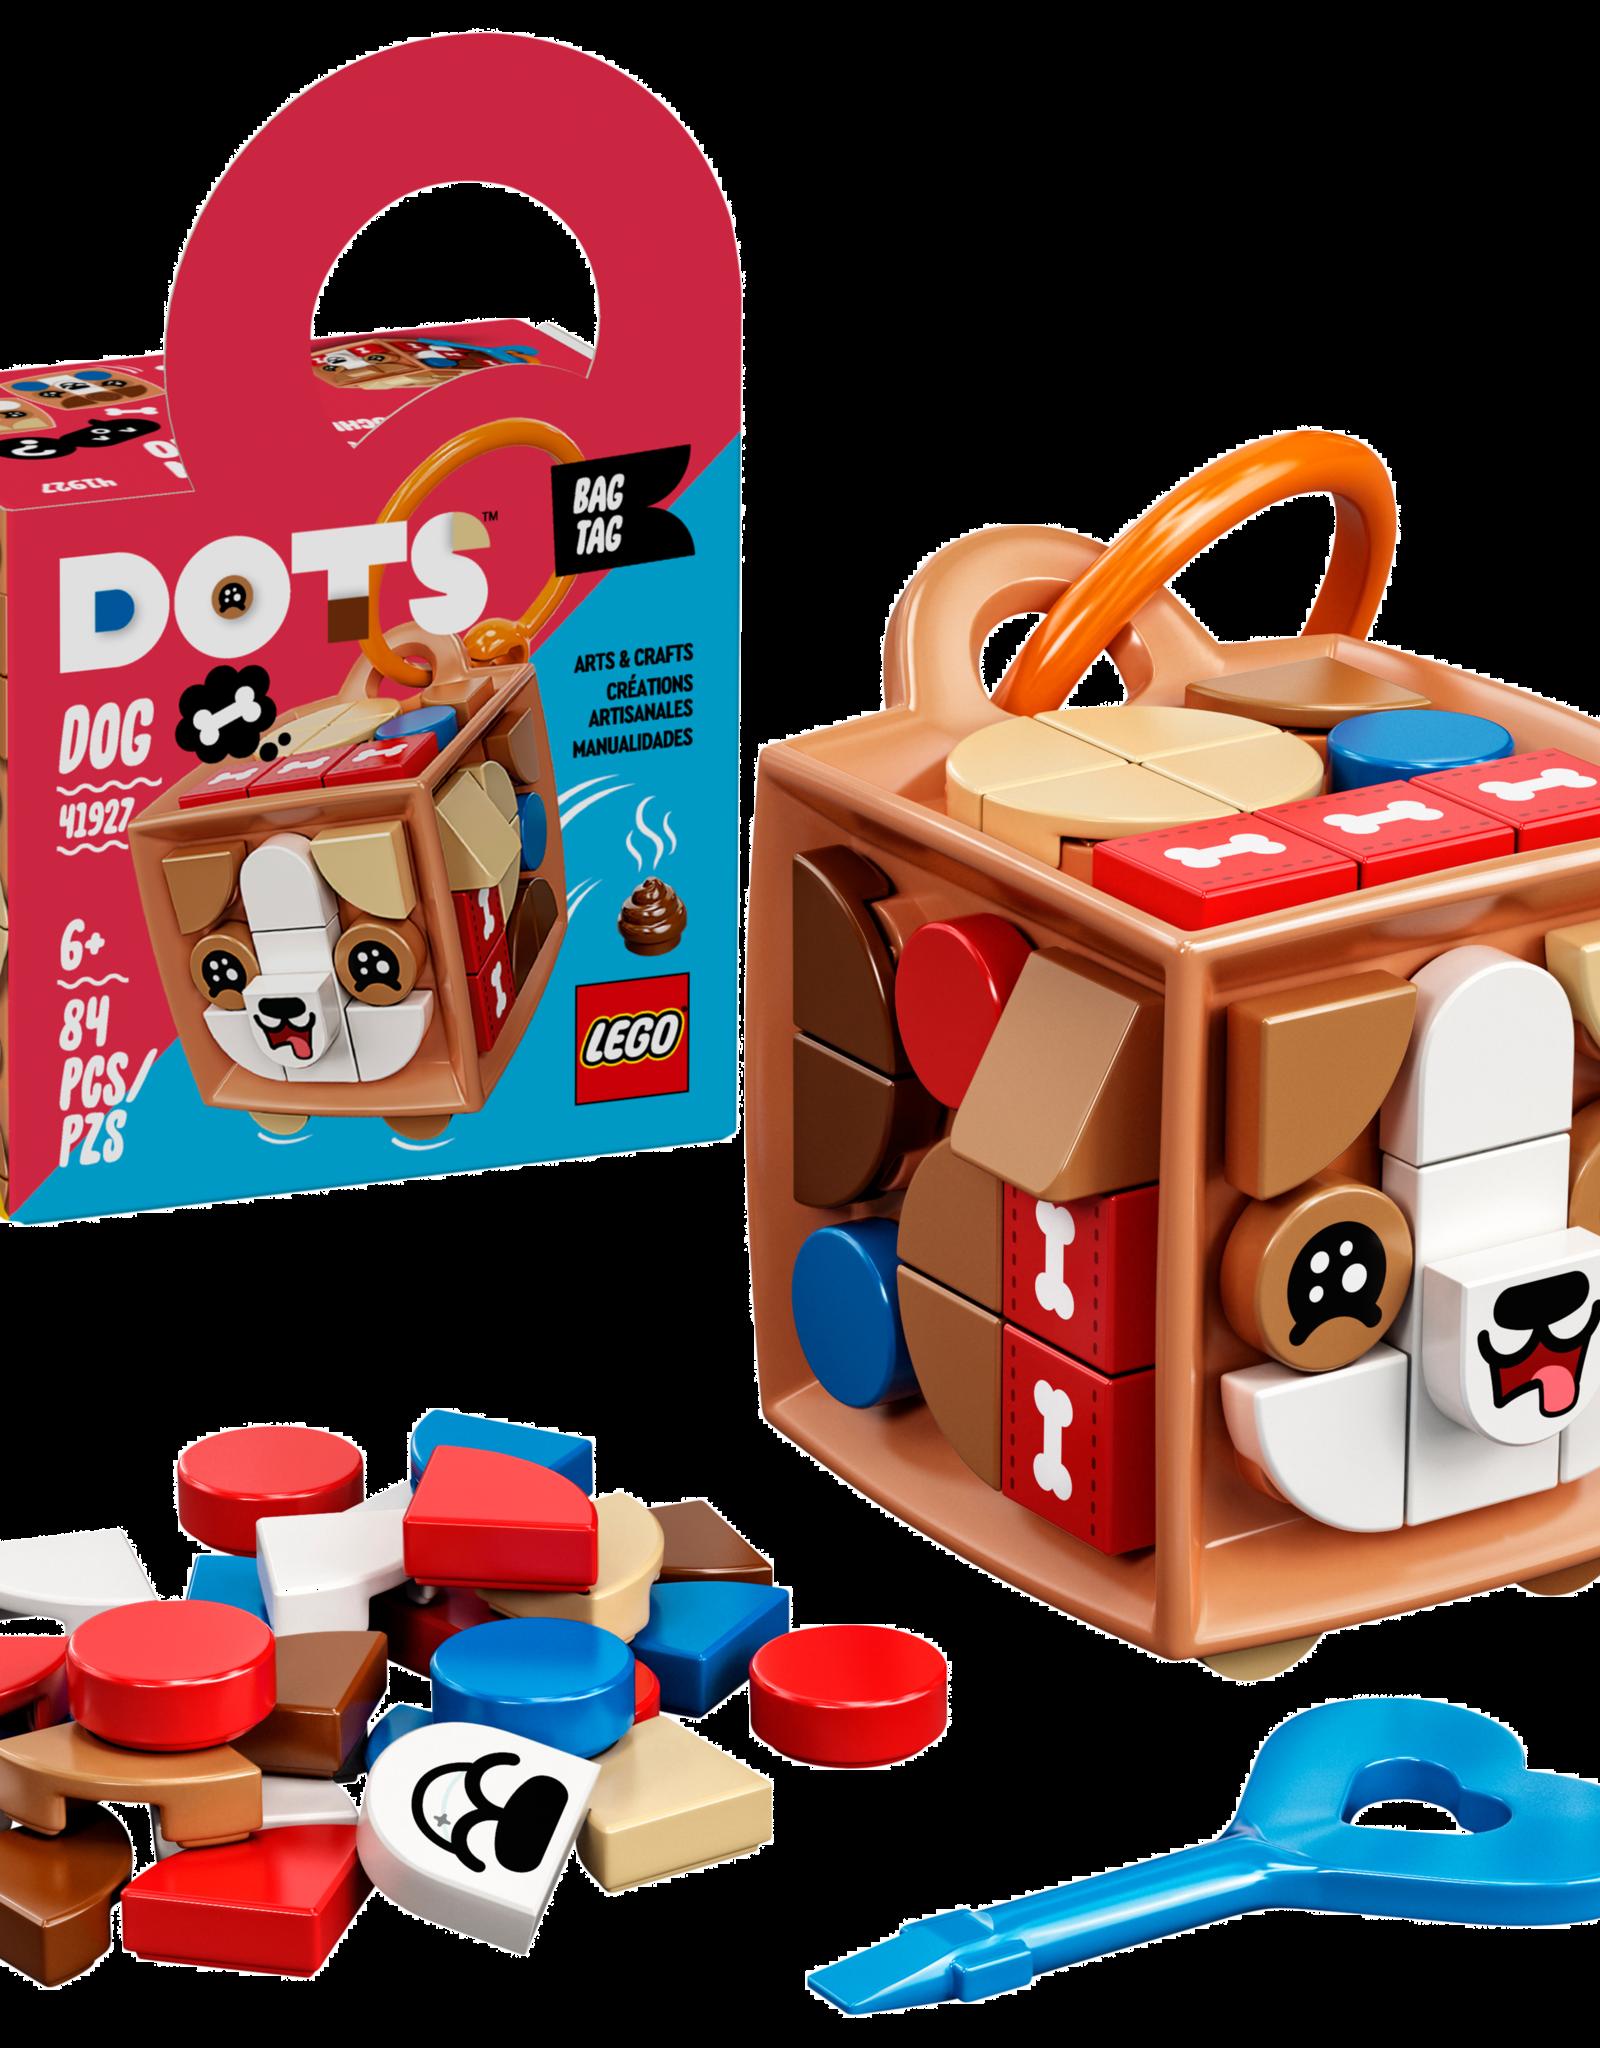 LEGO LEGO 41927 Bag Tag Dog